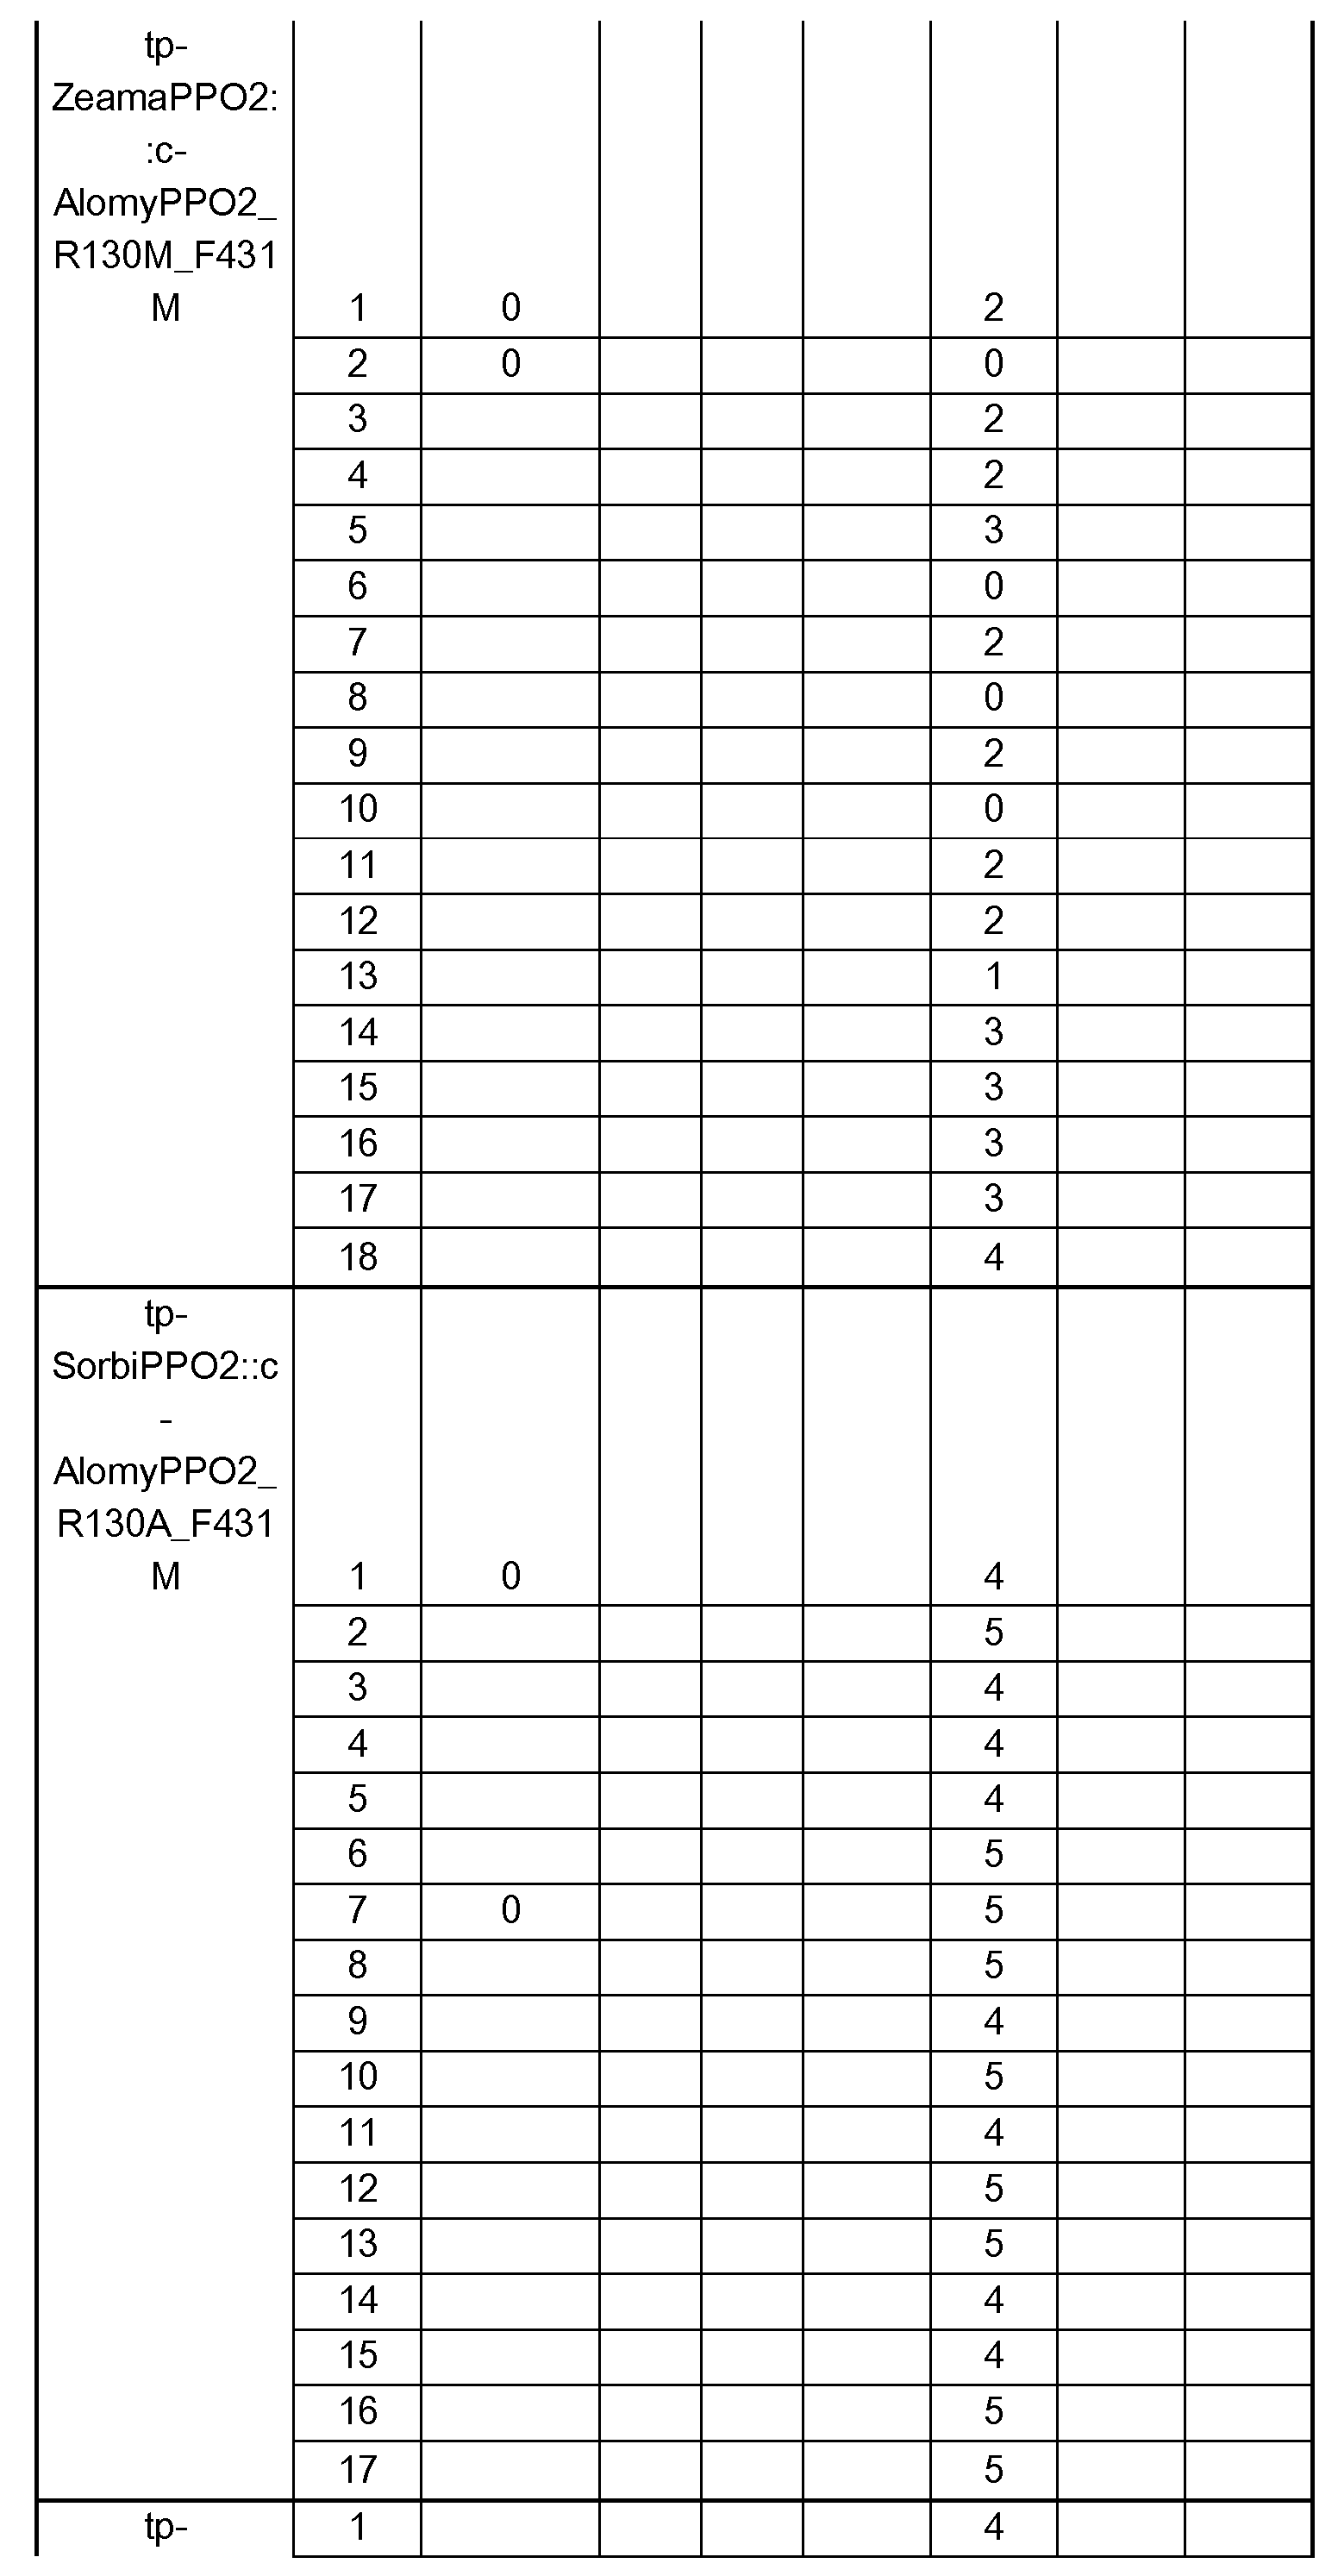 TOOL TÉLÉCHARGER 3.68 CONVERT AMV